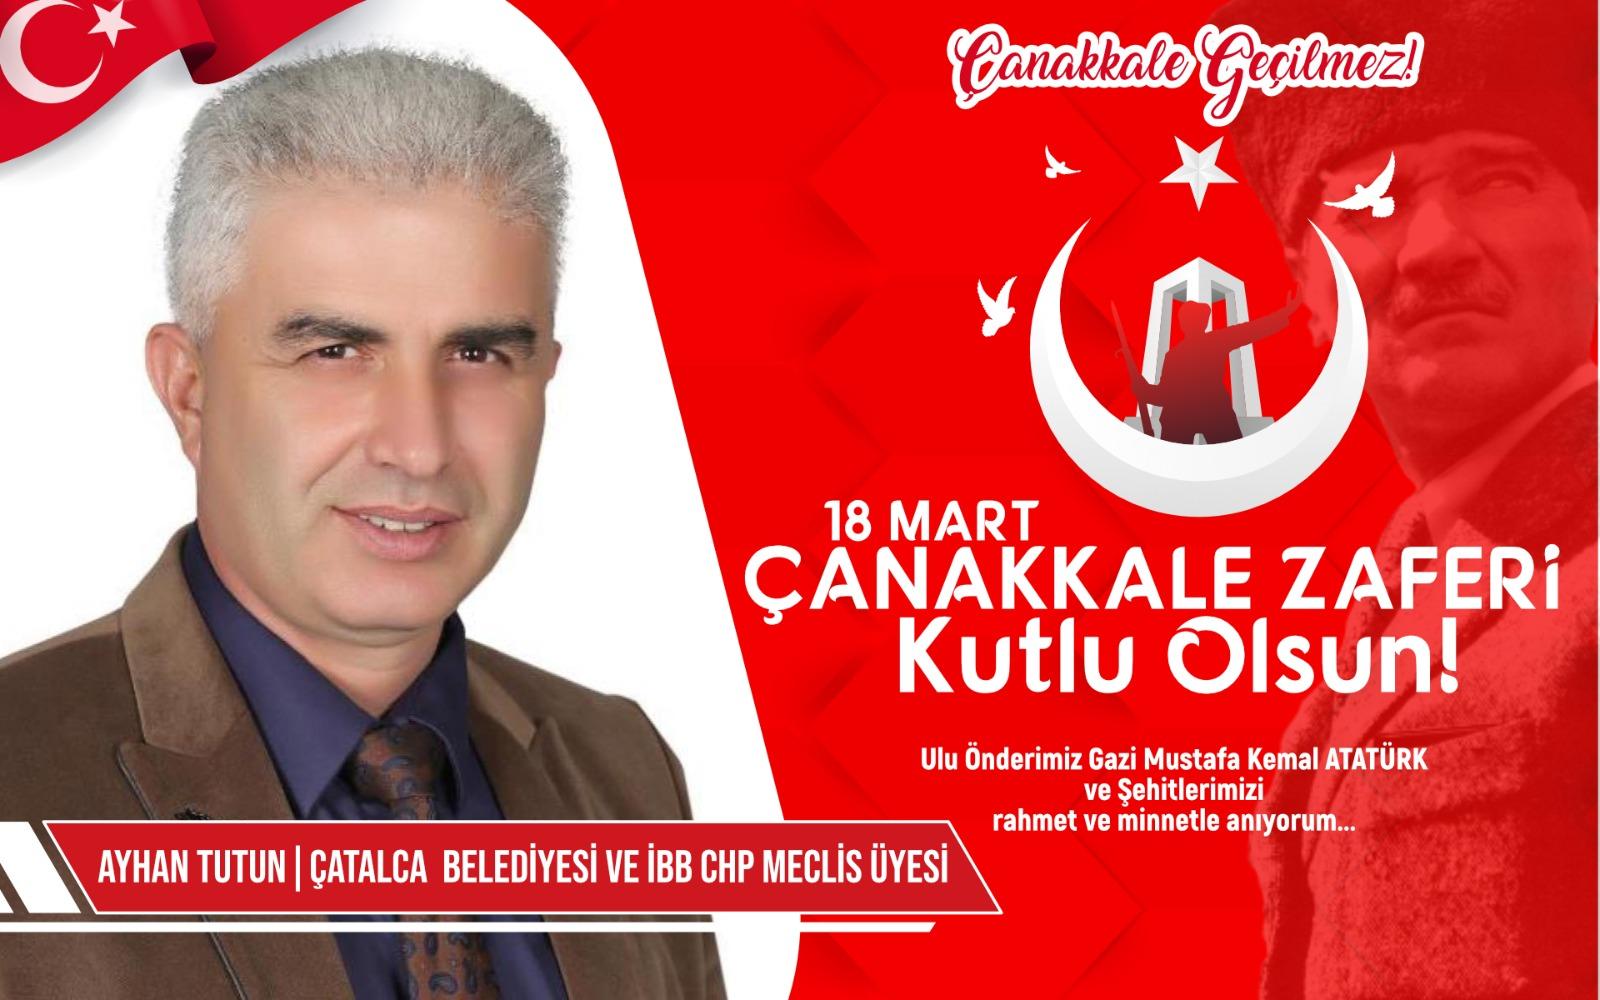 Çatalca ve İBB CHP Meclis üyesi Ayhan Tutun'dan Kutlama ve Anma Mesajı